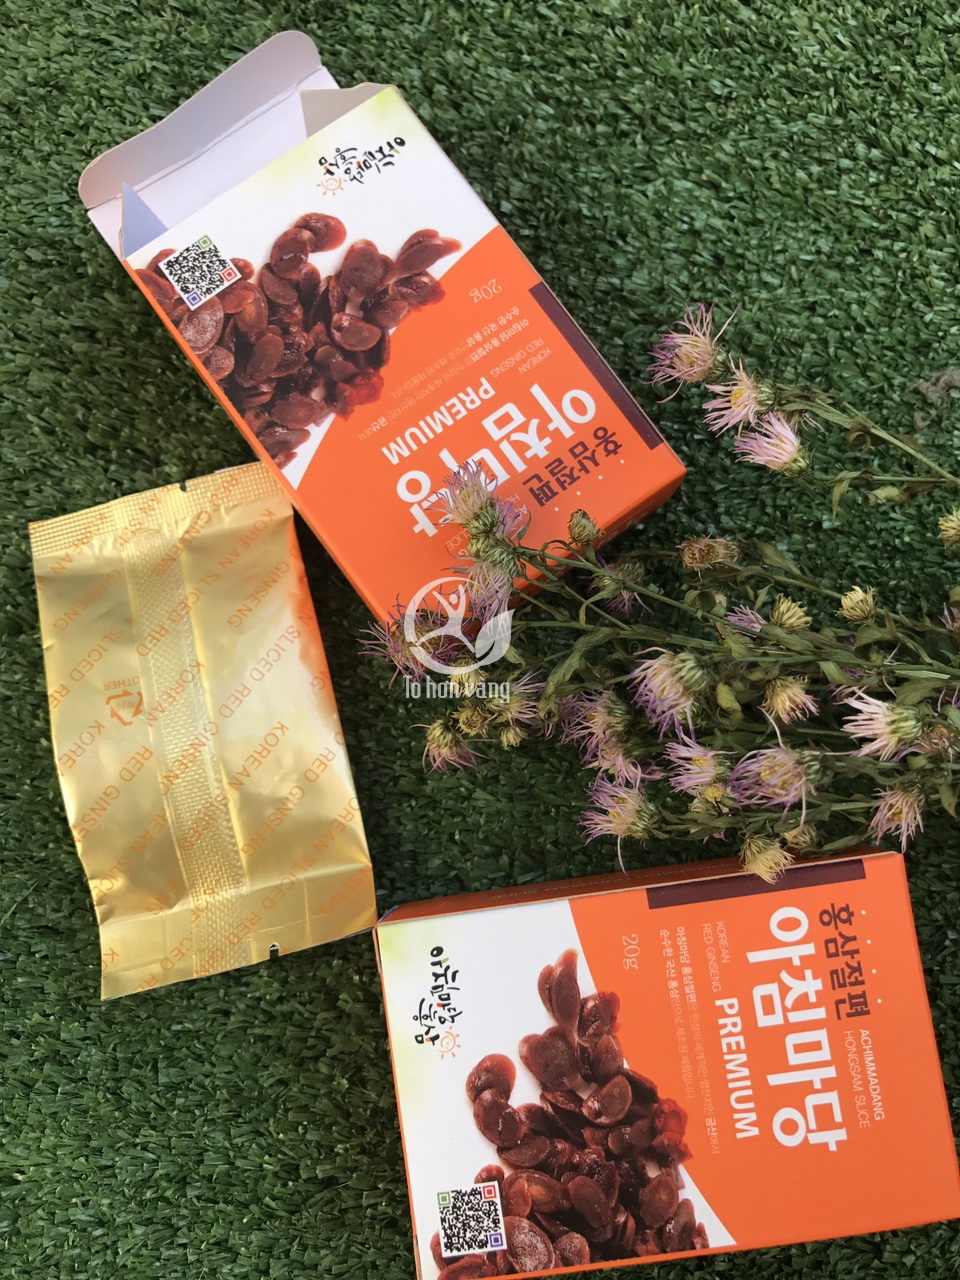 Hồng sâm lát tẩm mật ong Achimadang được sản xuất từ những củ hồng sâm kho chất lượng nhất trãi qua nhiều công đoạn lựa chọn kỹ càng